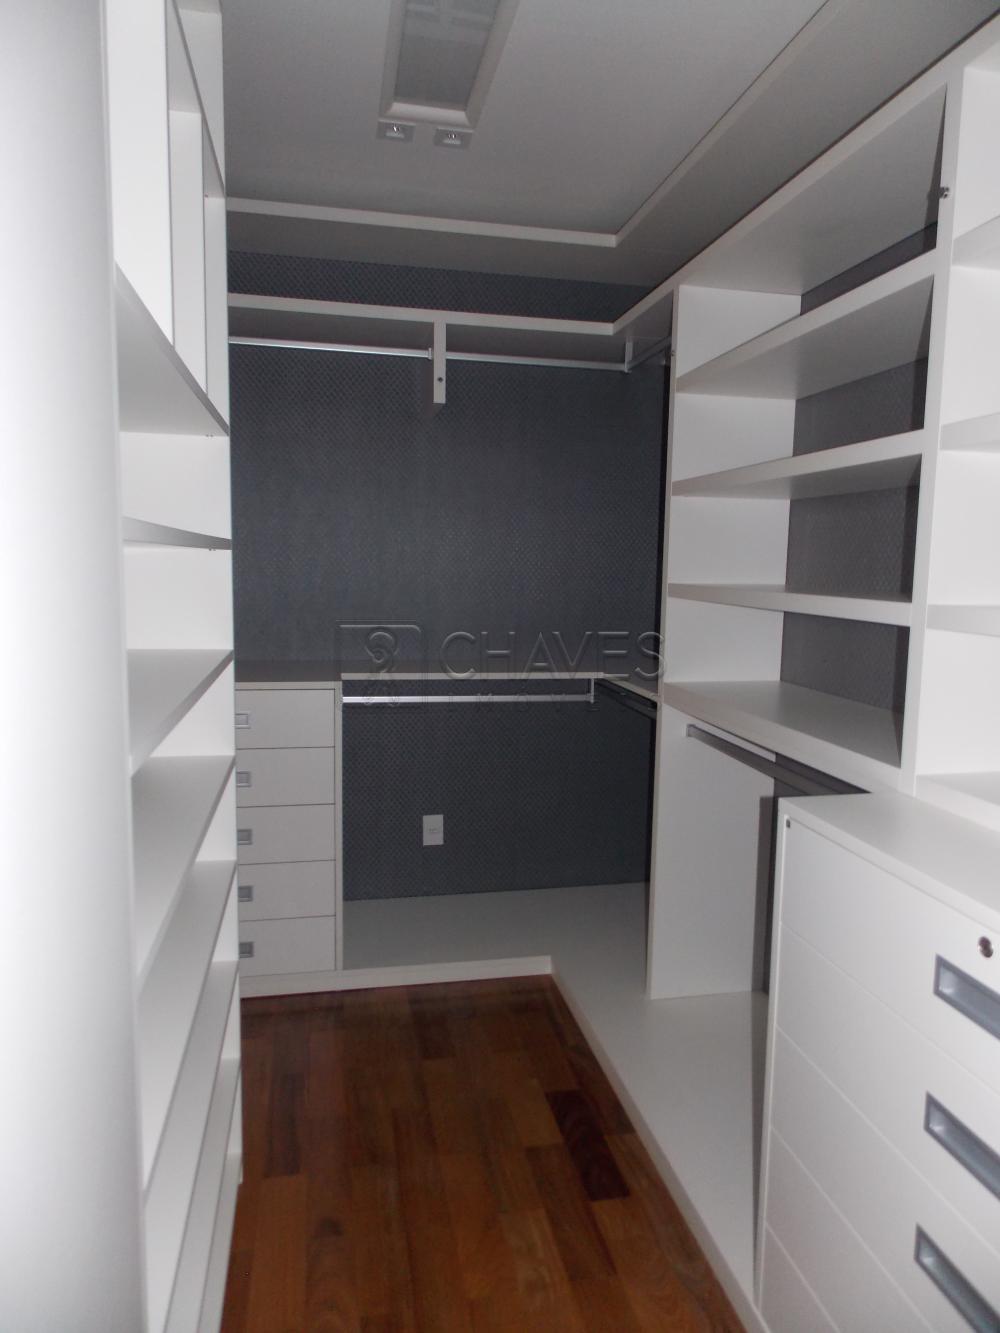 Comprar Apartamento / Cobertura em Ribeirão Preto apenas R$ 1.800.000,00 - Foto 14